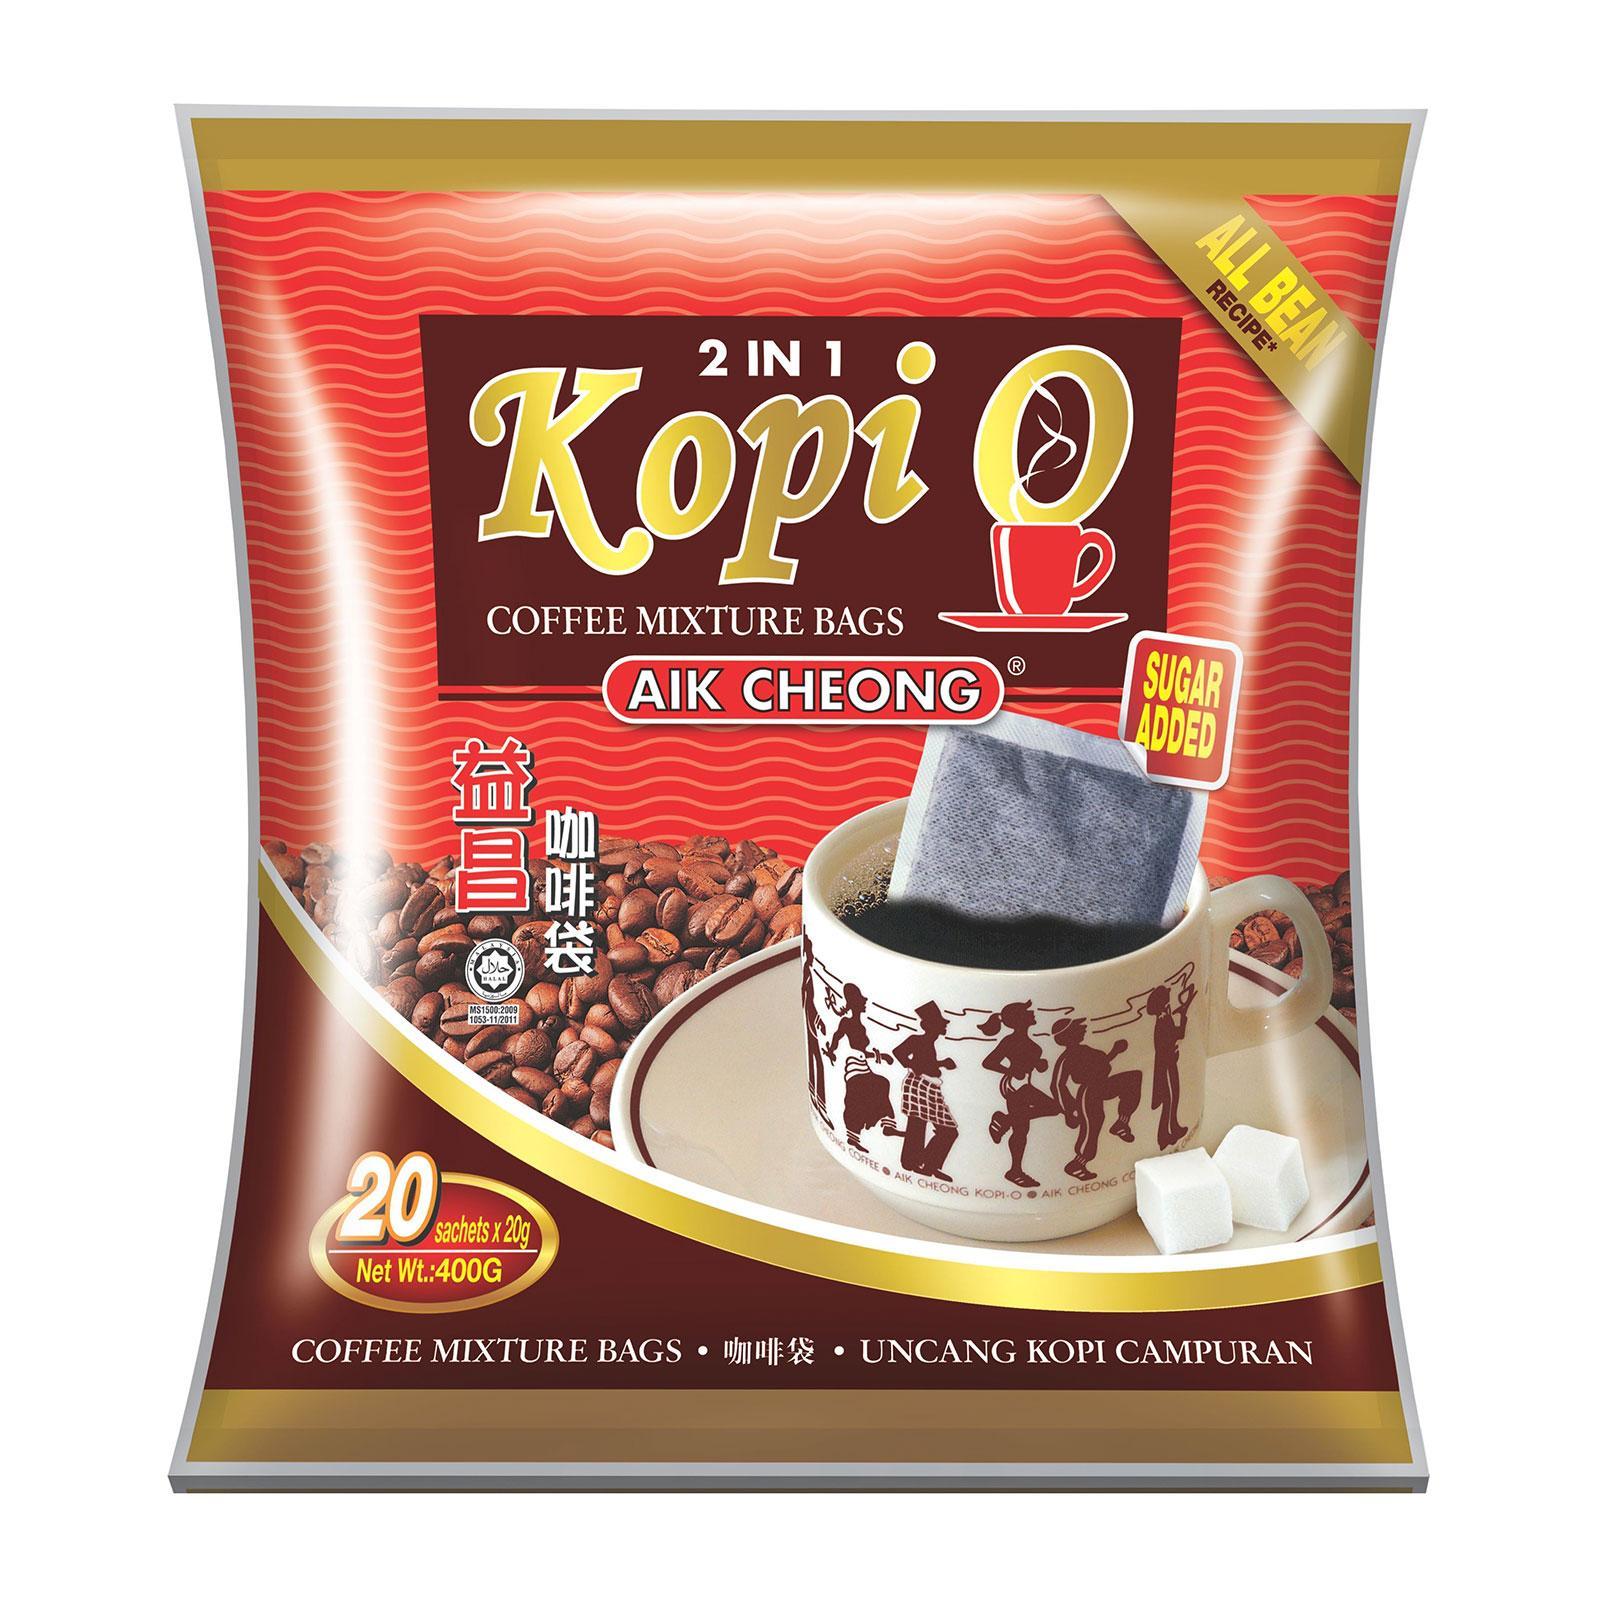 Aik Cheong 2in1 Kopi O sugar added